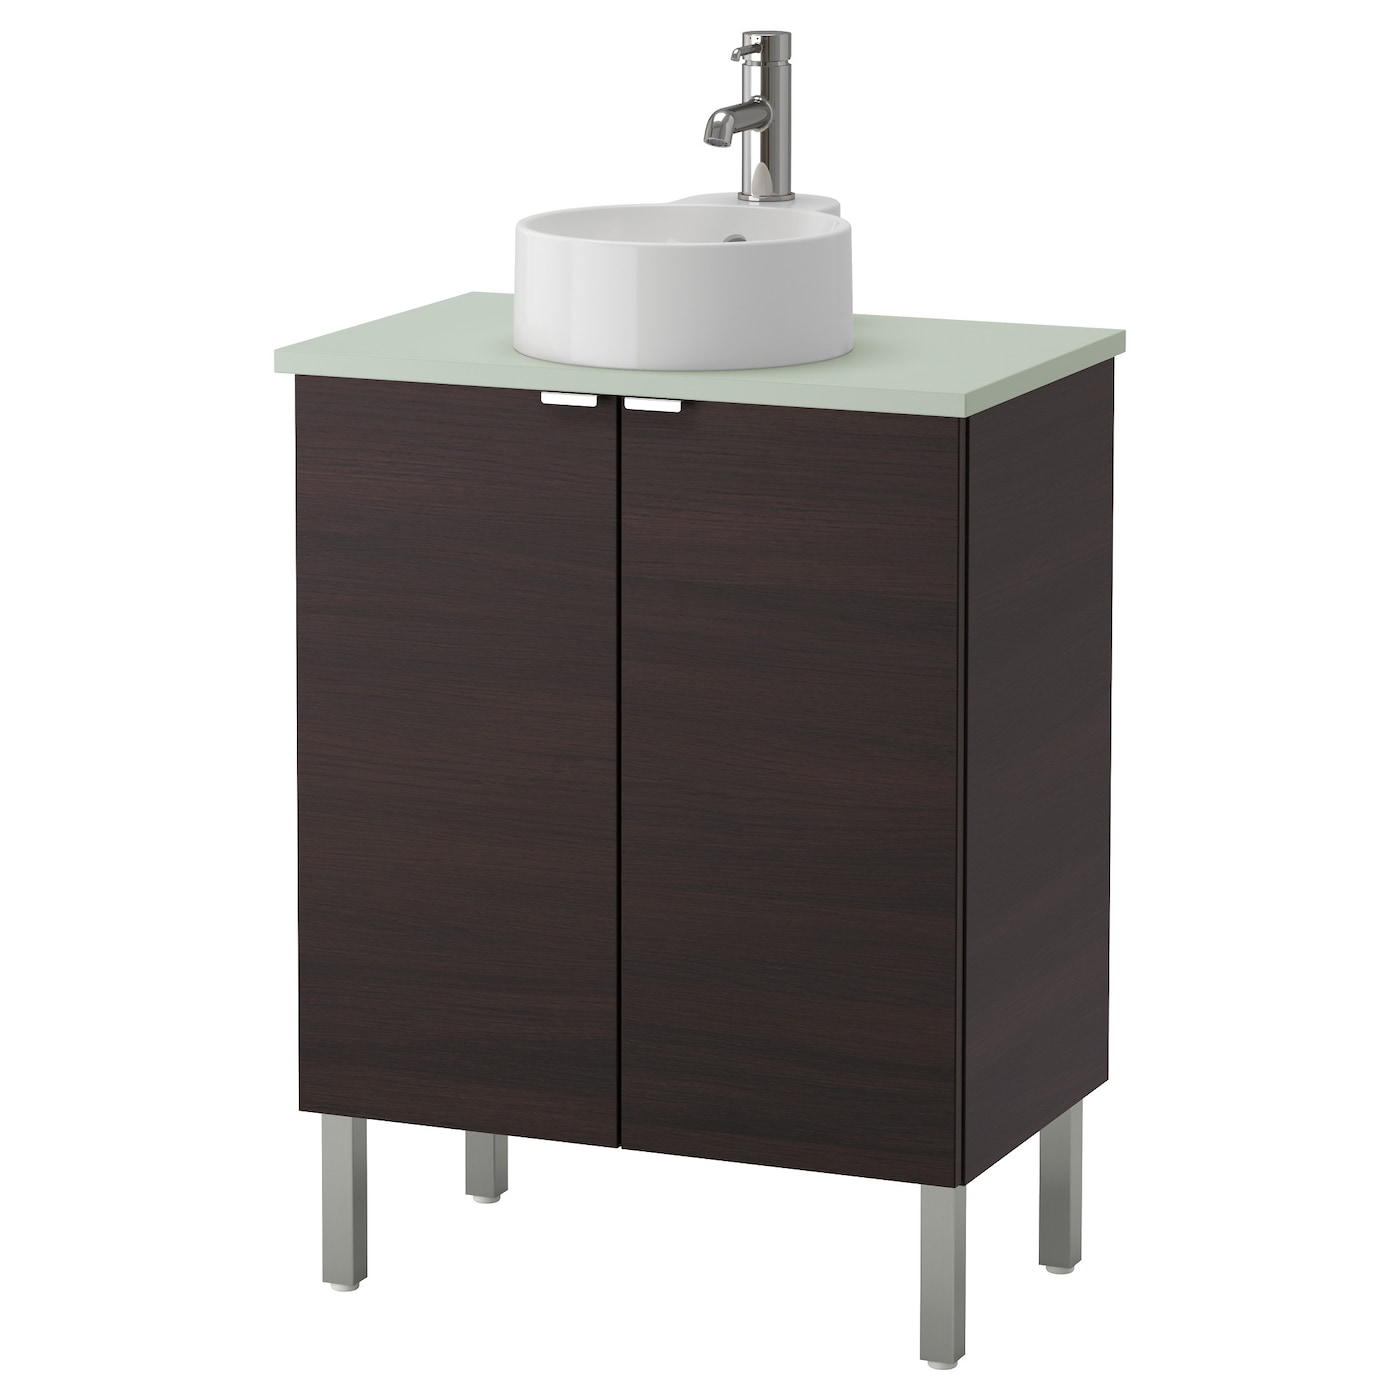 LILLÅNGEN/VISKAN / GUTVIKEN | Wohnzimmer > TV-HiFi-Möbel | IKEA